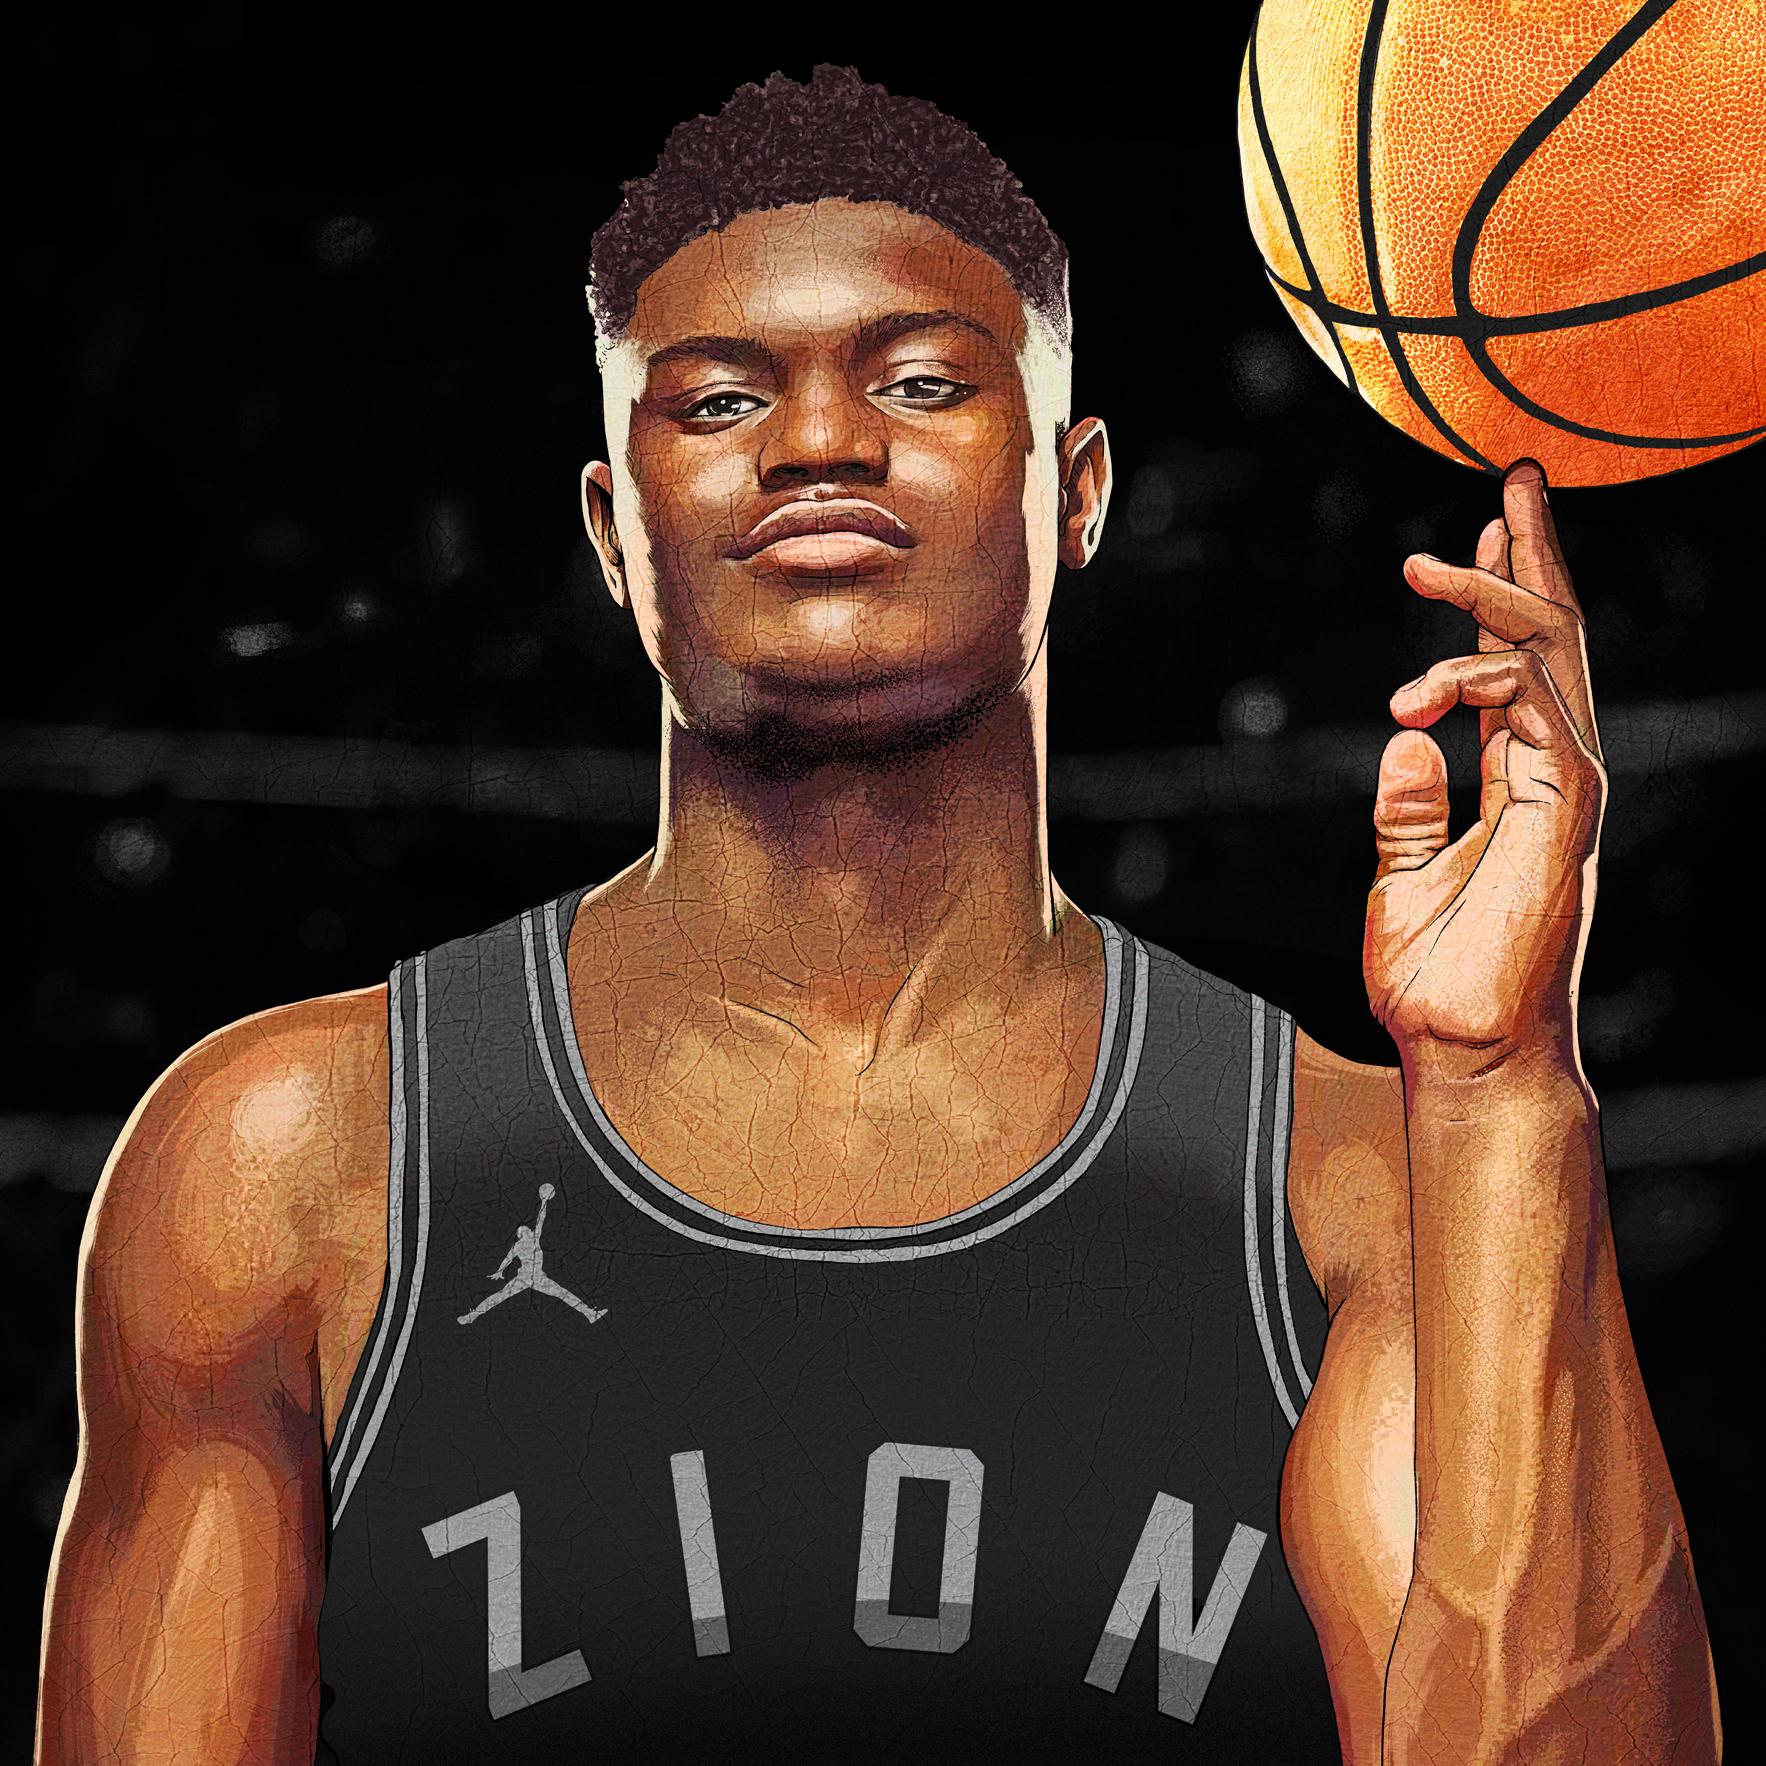 謎底揭曉!選秀狀元 Zion Williamson 確定成為 Jordan 品牌代言人